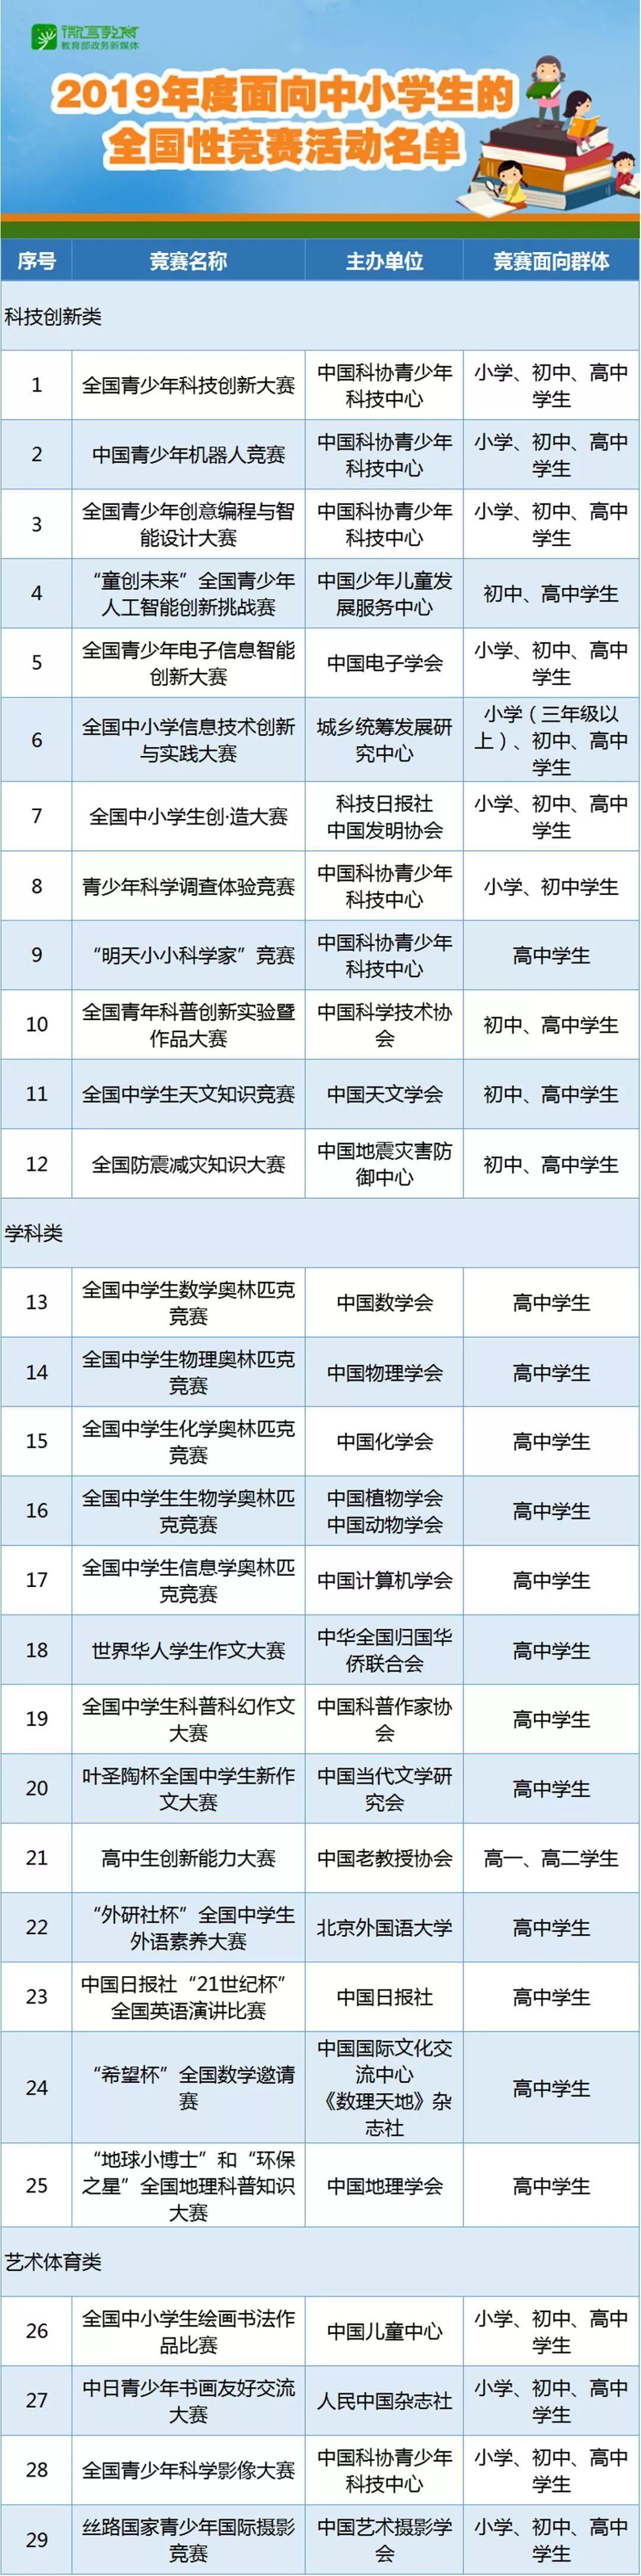 2019年面向中小学生的全国性竞赛活动名单正式公布,认准这29项!